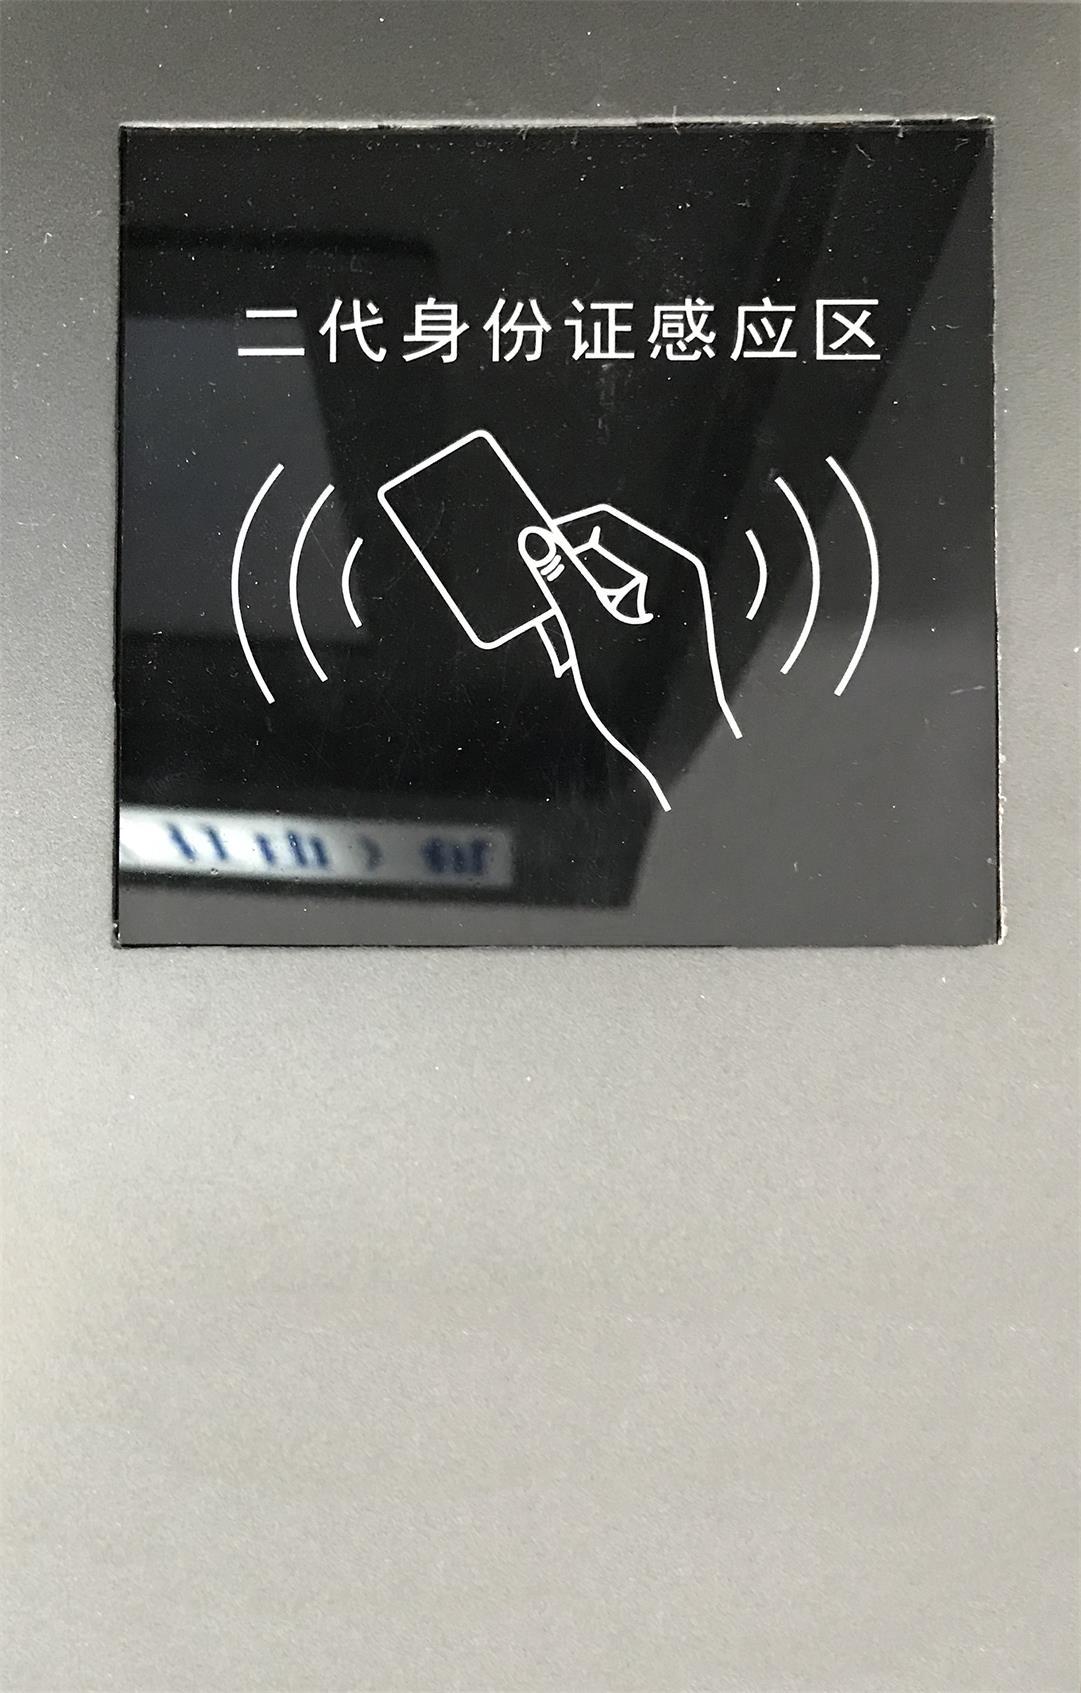 黑龙江自助打印机商家——江苏实惠的自助打印机